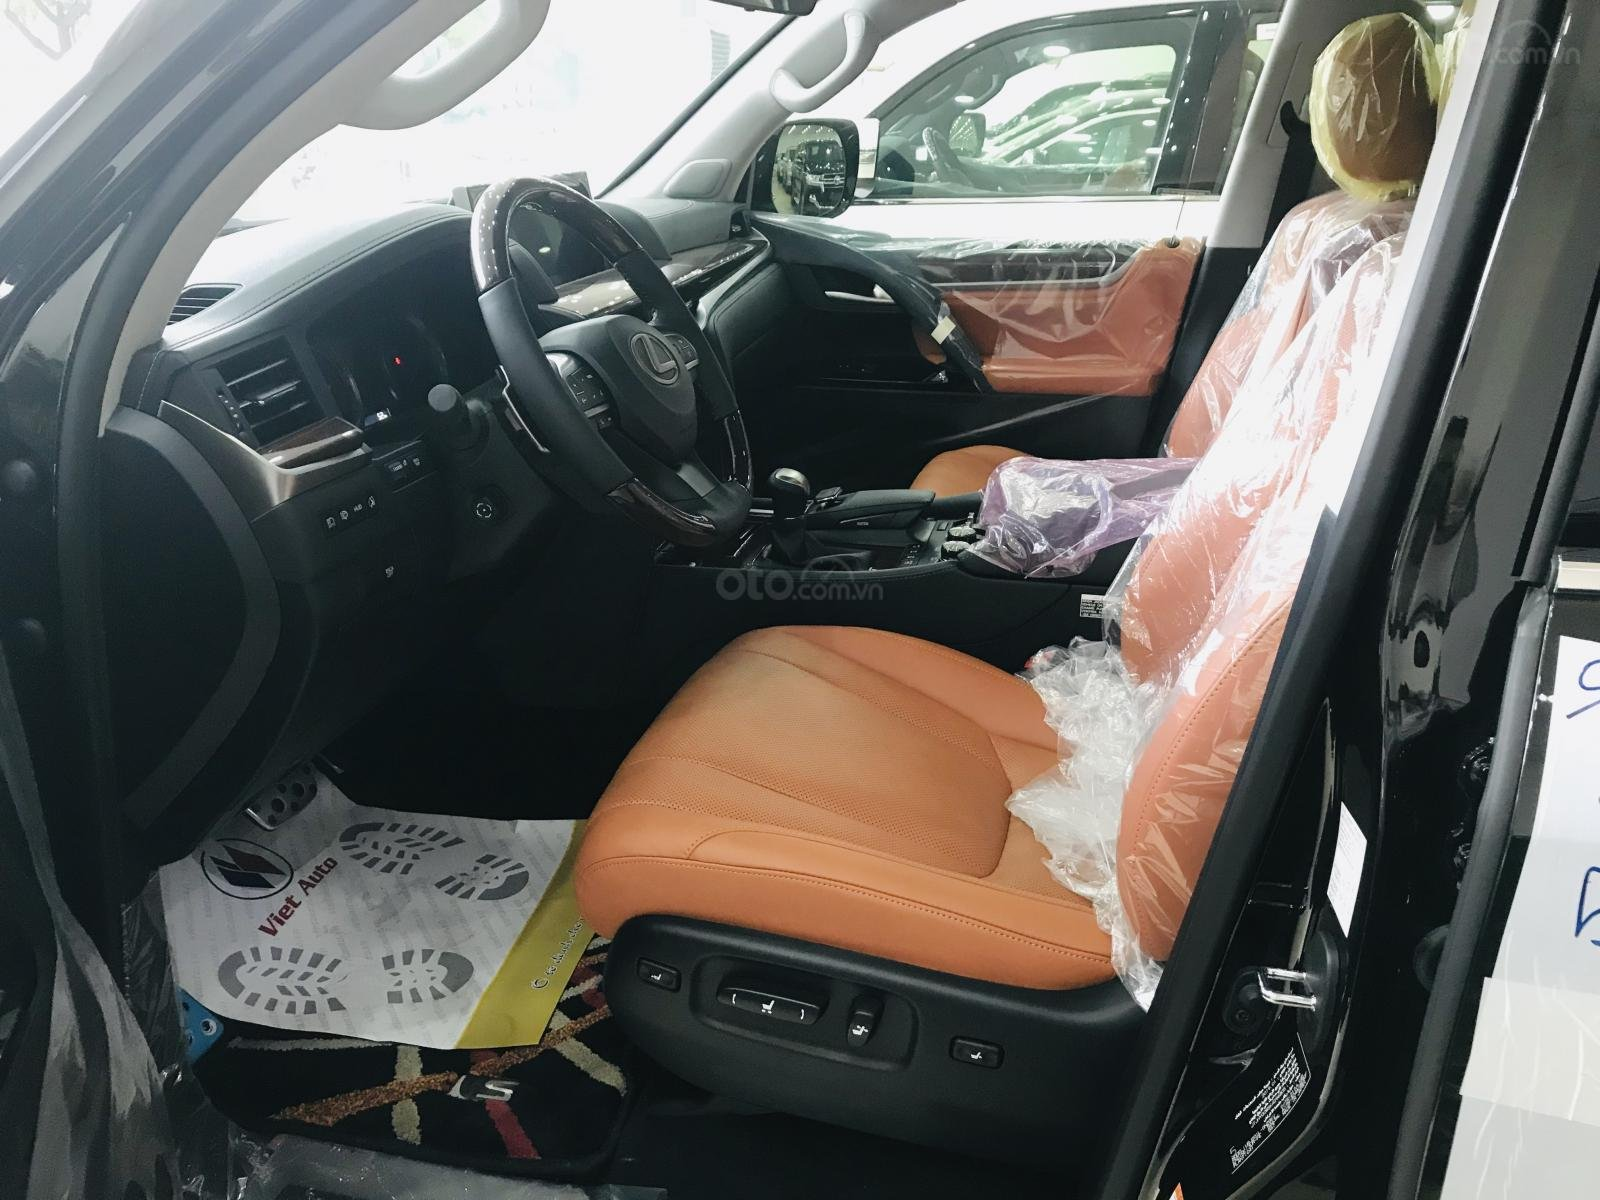 Bán Lexus LX570 Super Sport màu đen, sản xuất 2019, xe giao ngay, giá tốt - LH: 0906223838 (8)